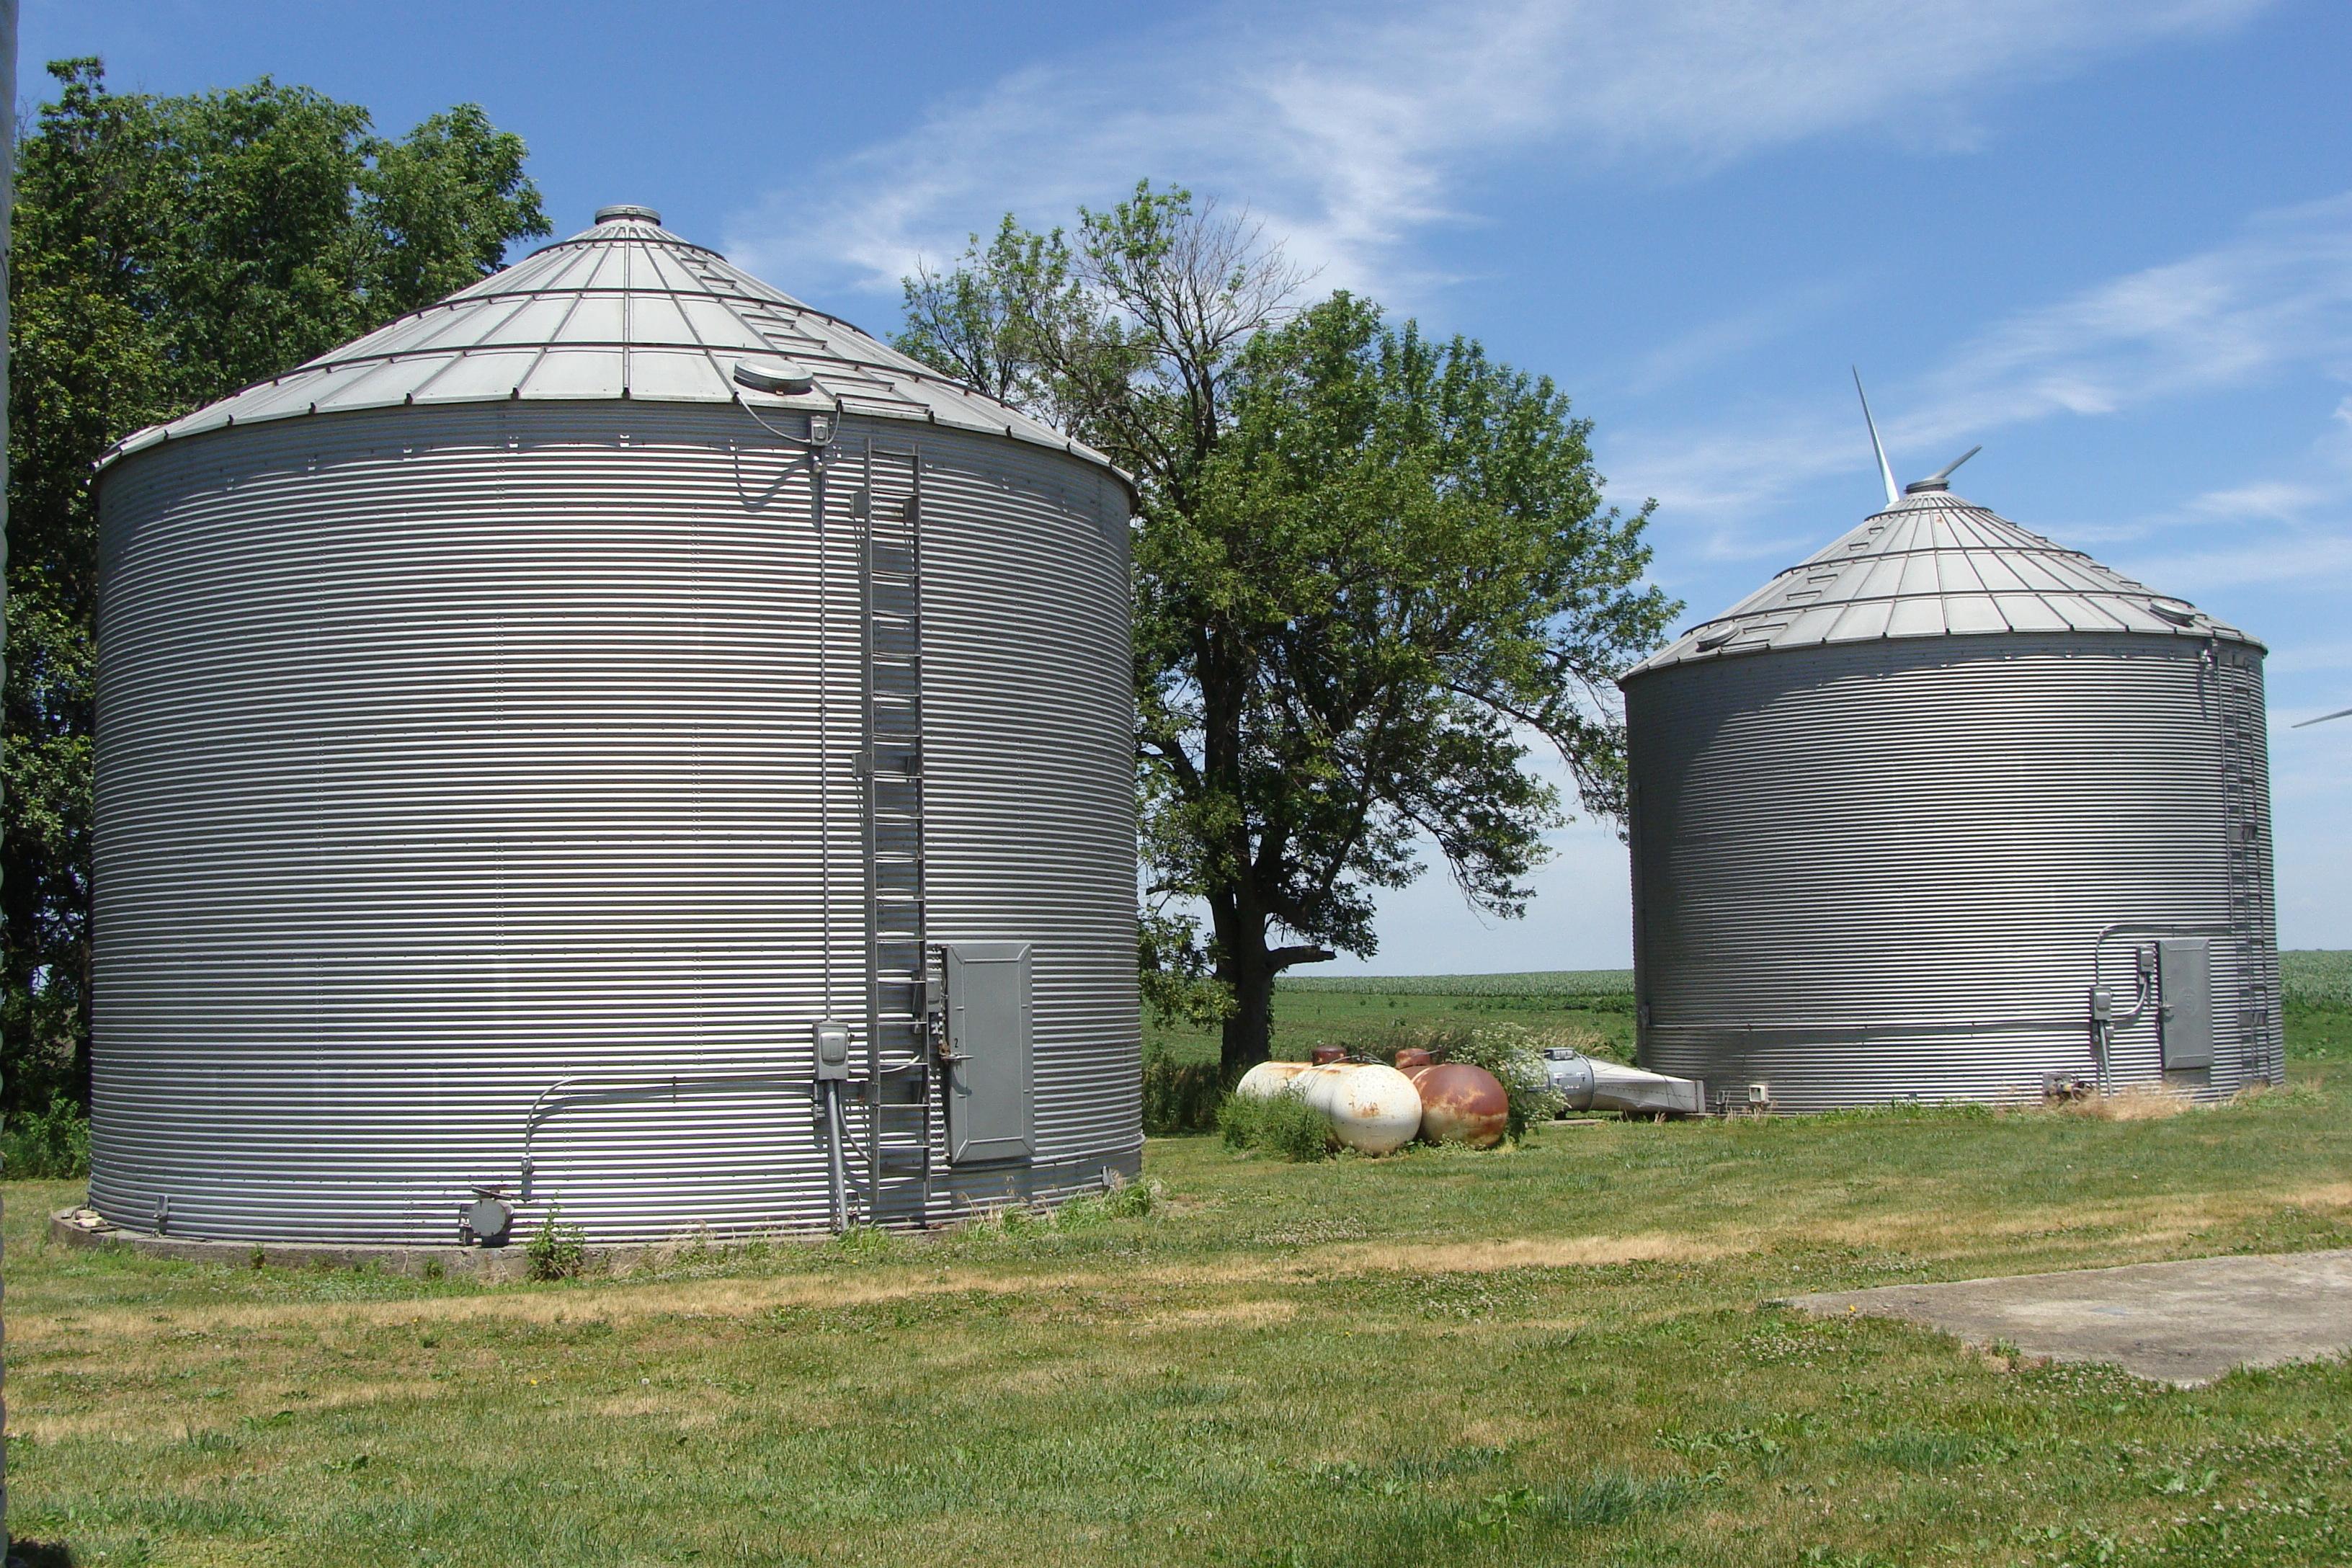 Picture of grain bins